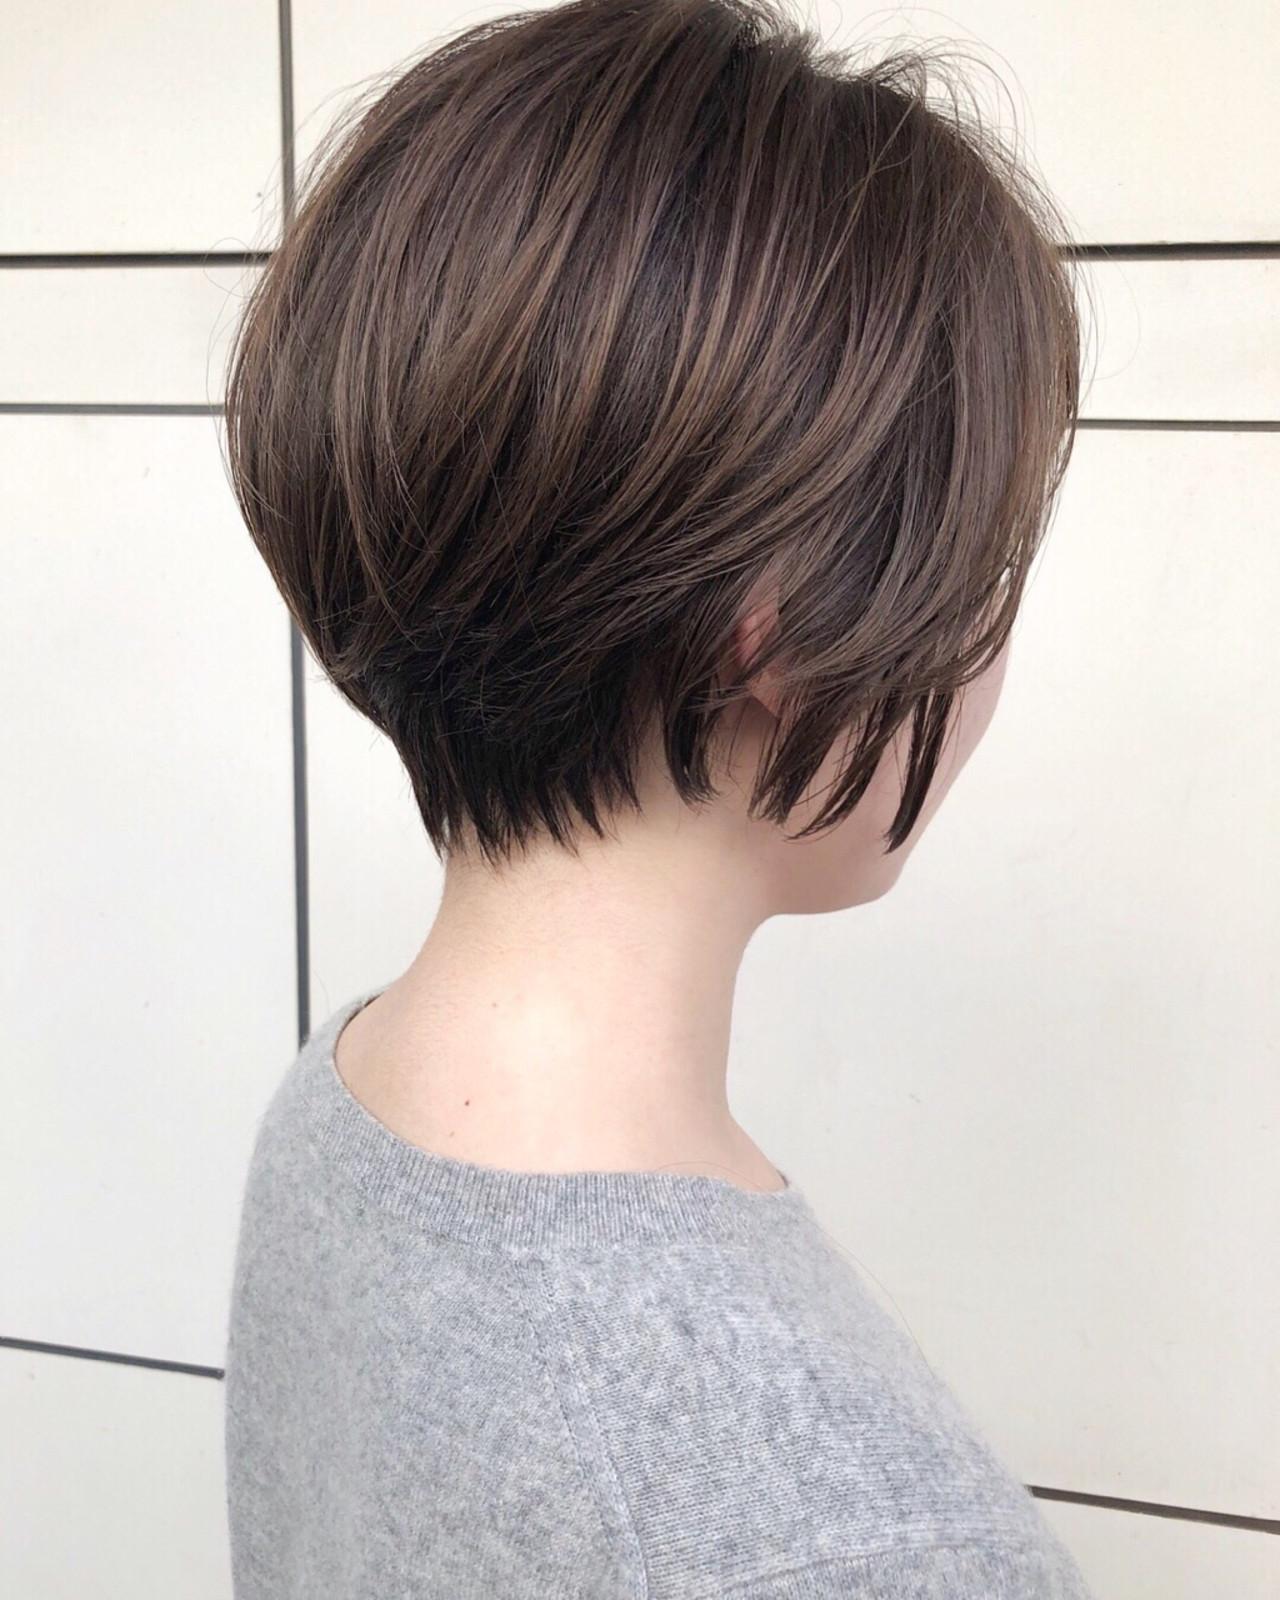 ショート ゆるふわ ハイライト 色気 ヘアスタイルや髪型の写真・画像 | スガ シュンスケ / Tierra (ティエラ)